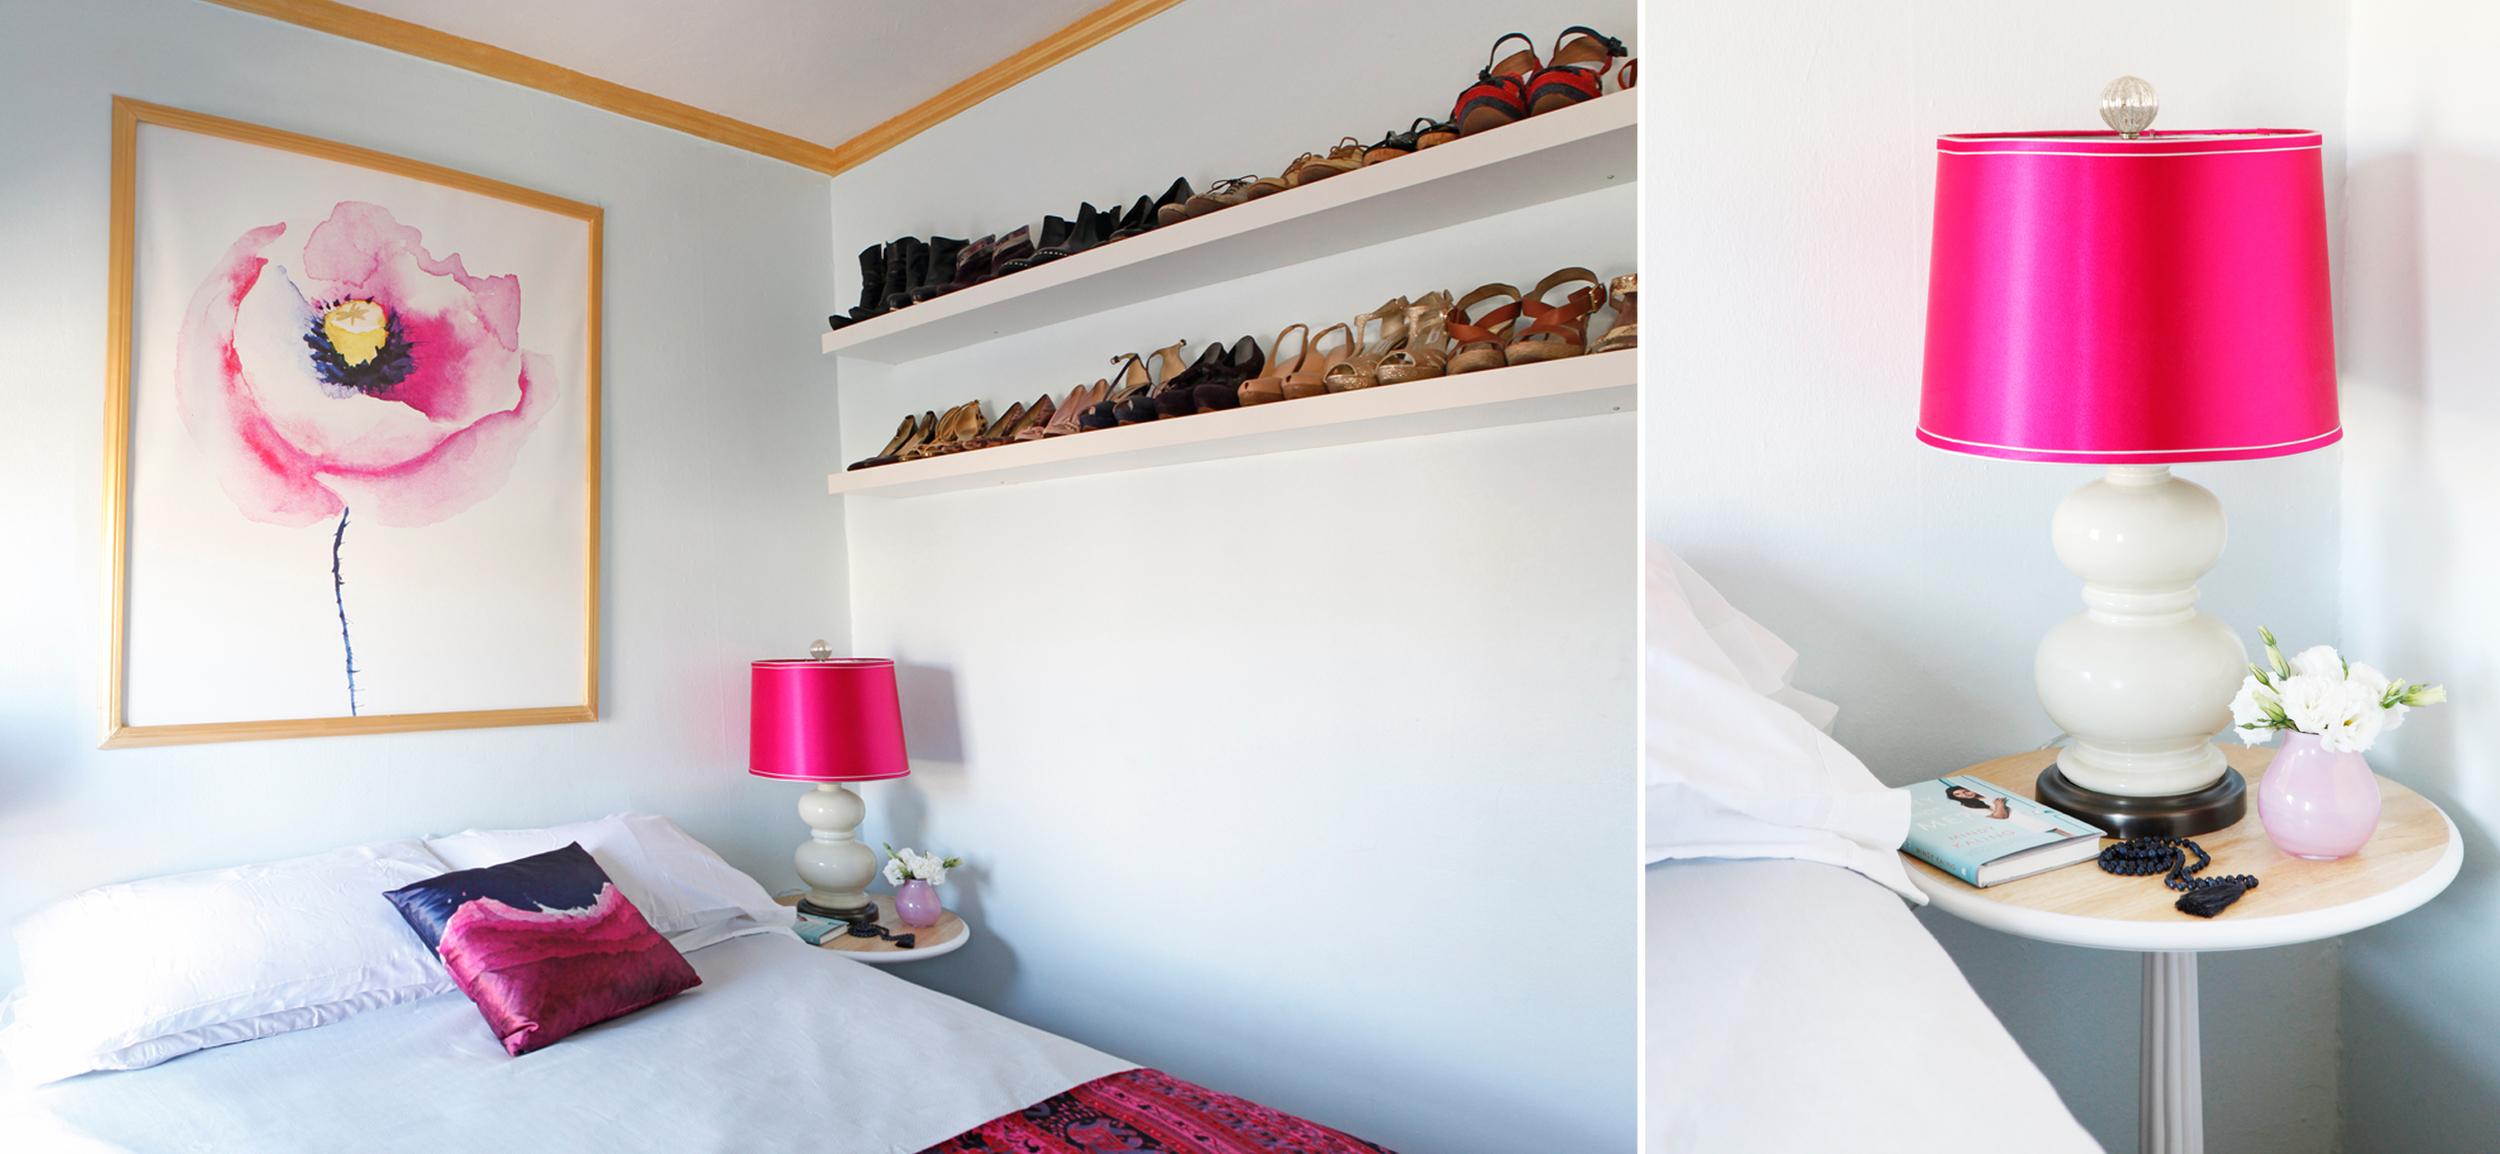 Ecclectic Modern Bedroom Interior Design.jpg